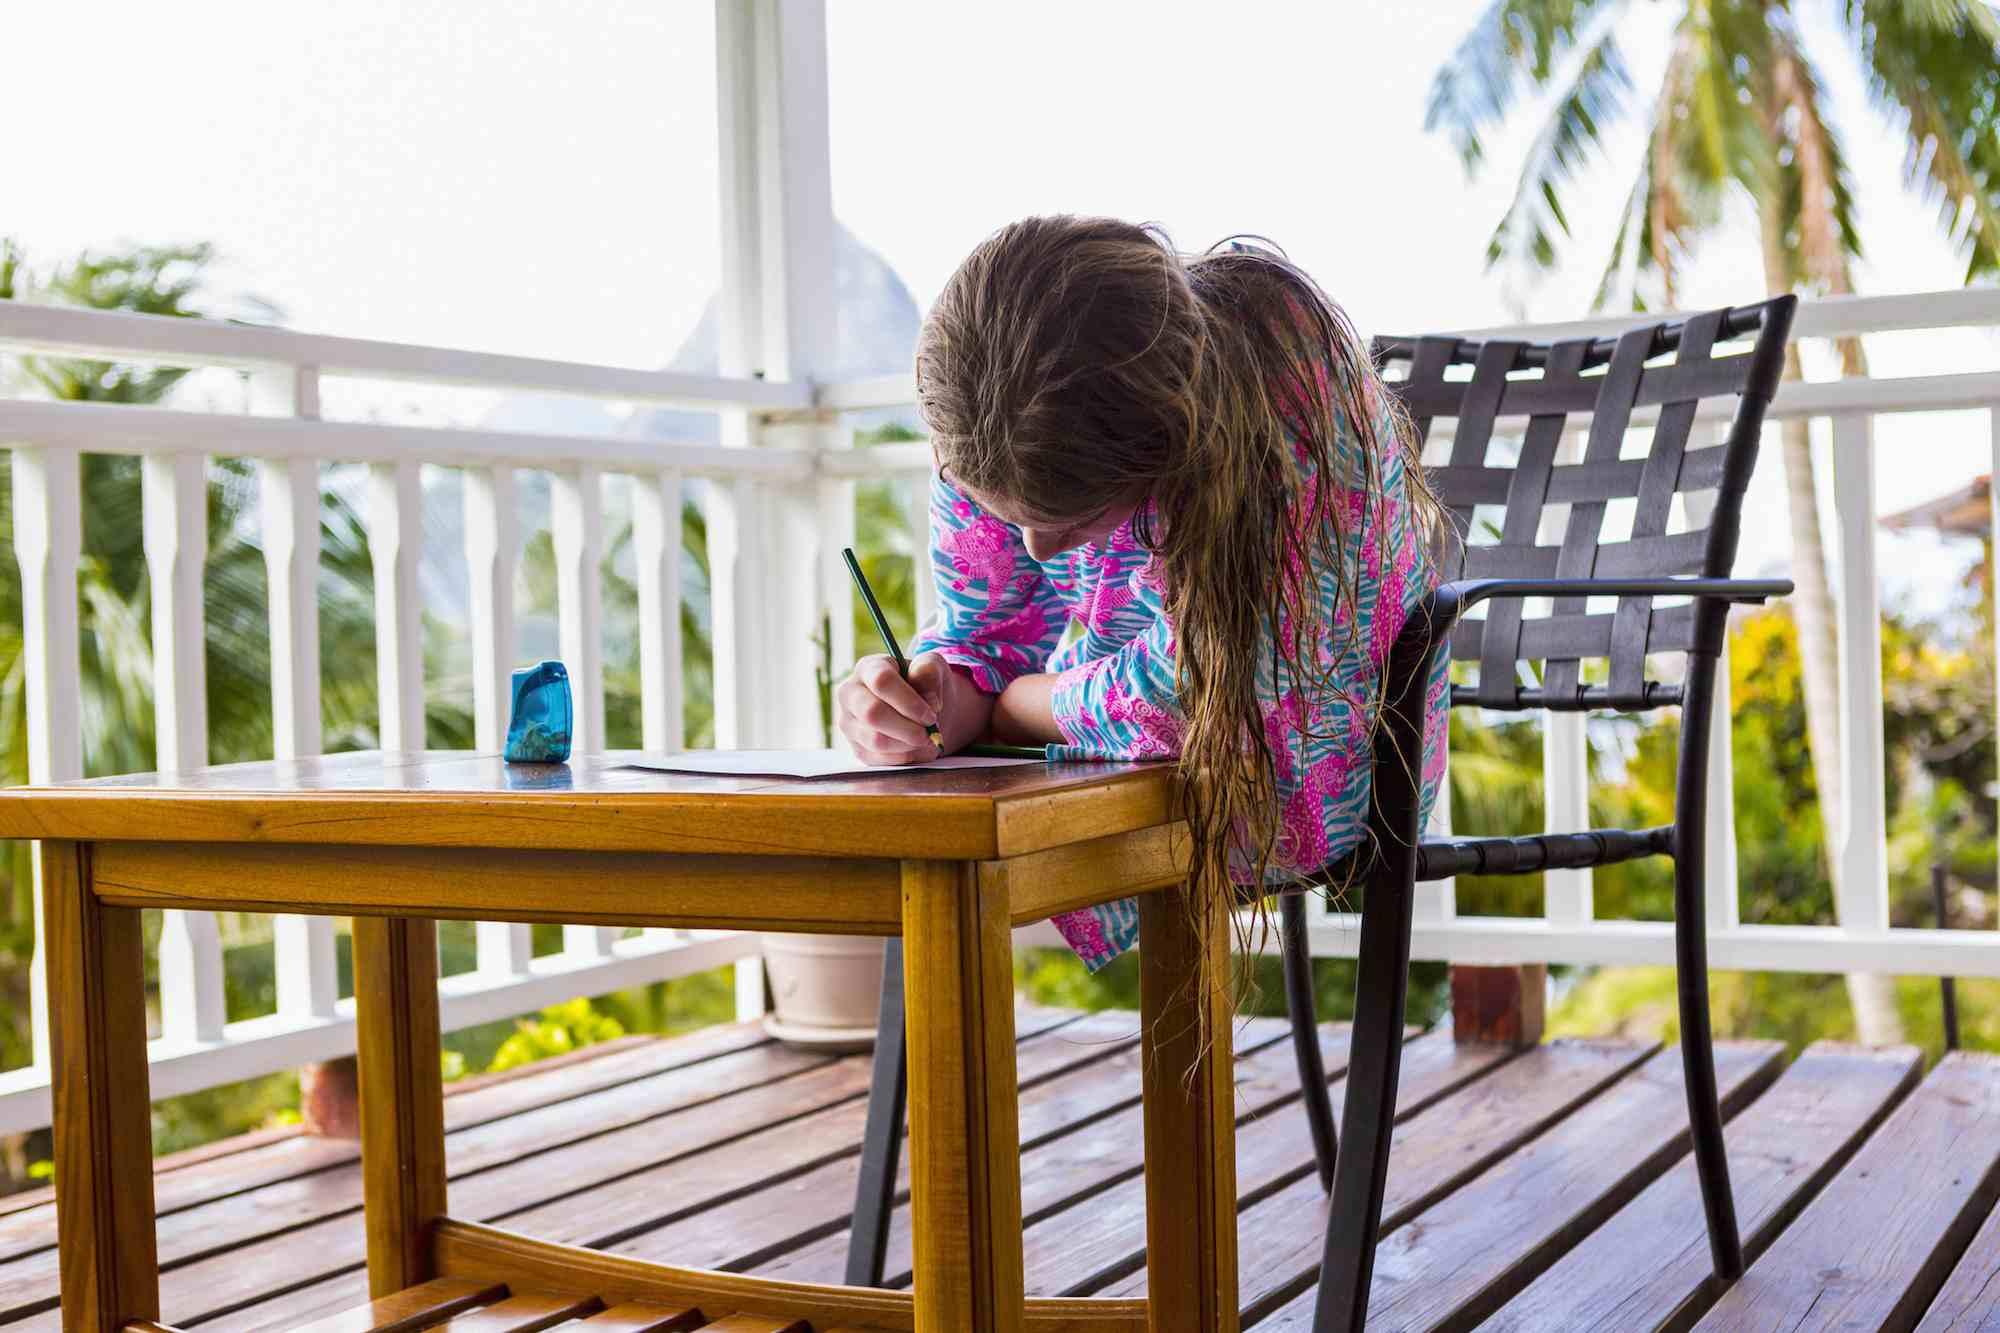 Girl doing homework on porch